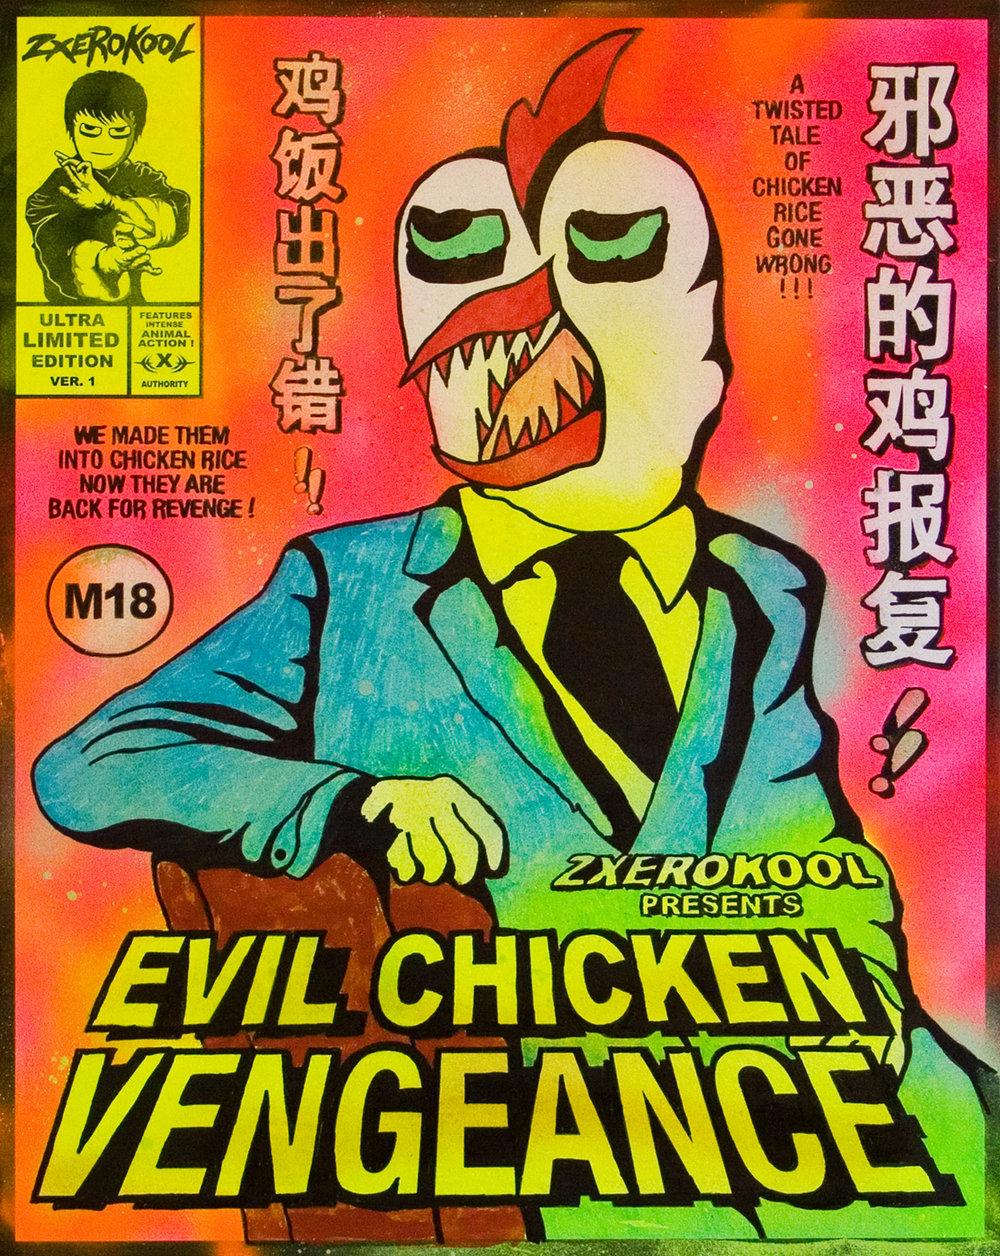 Evil Chicken Vengeance